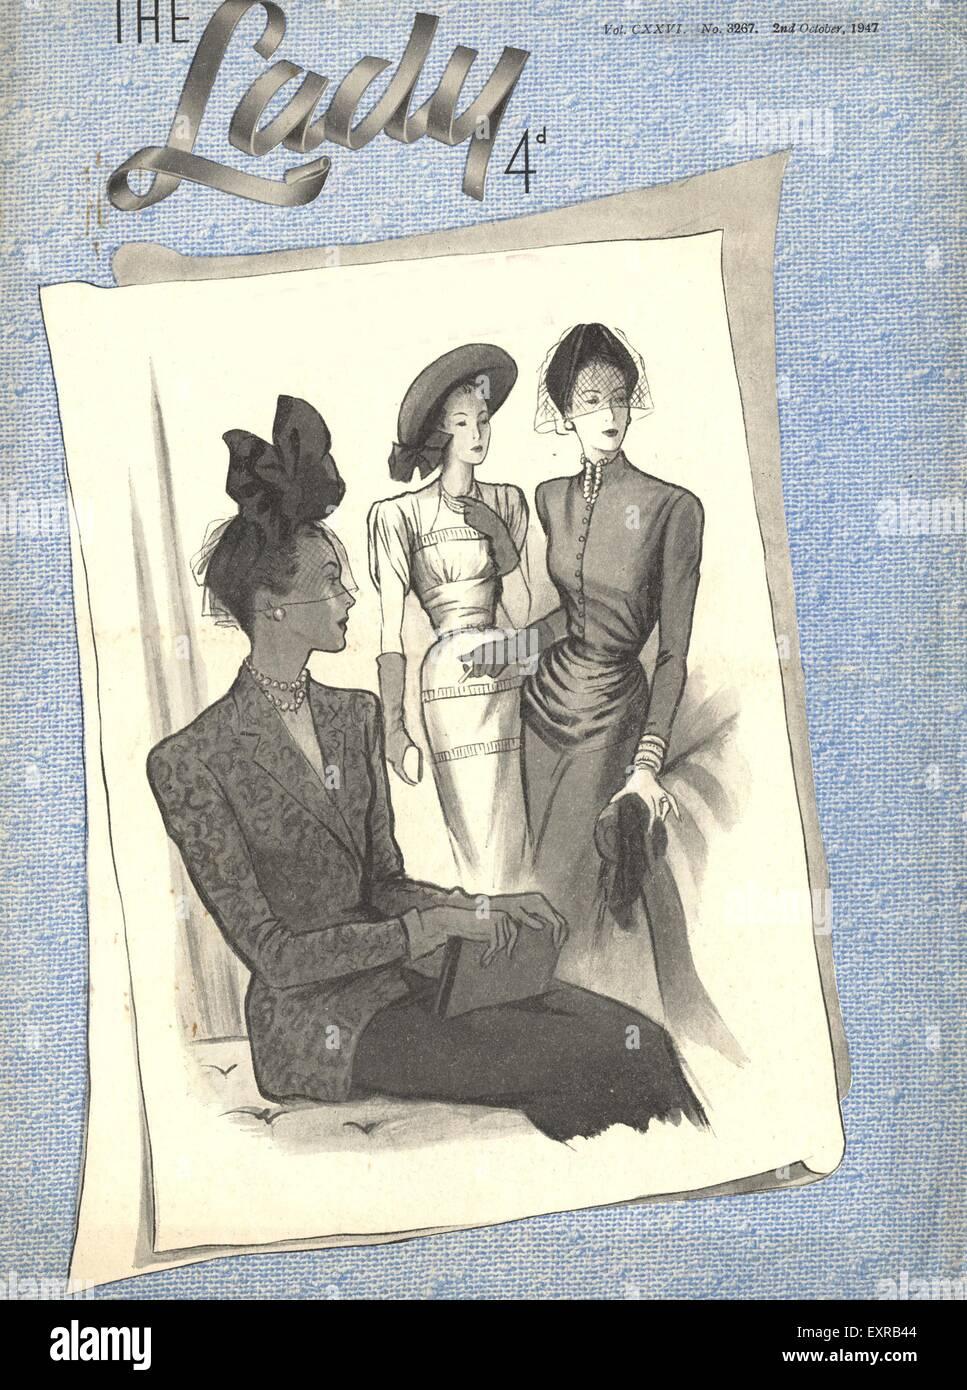 1940s UK The Lady Magazine Cover - Stock Image